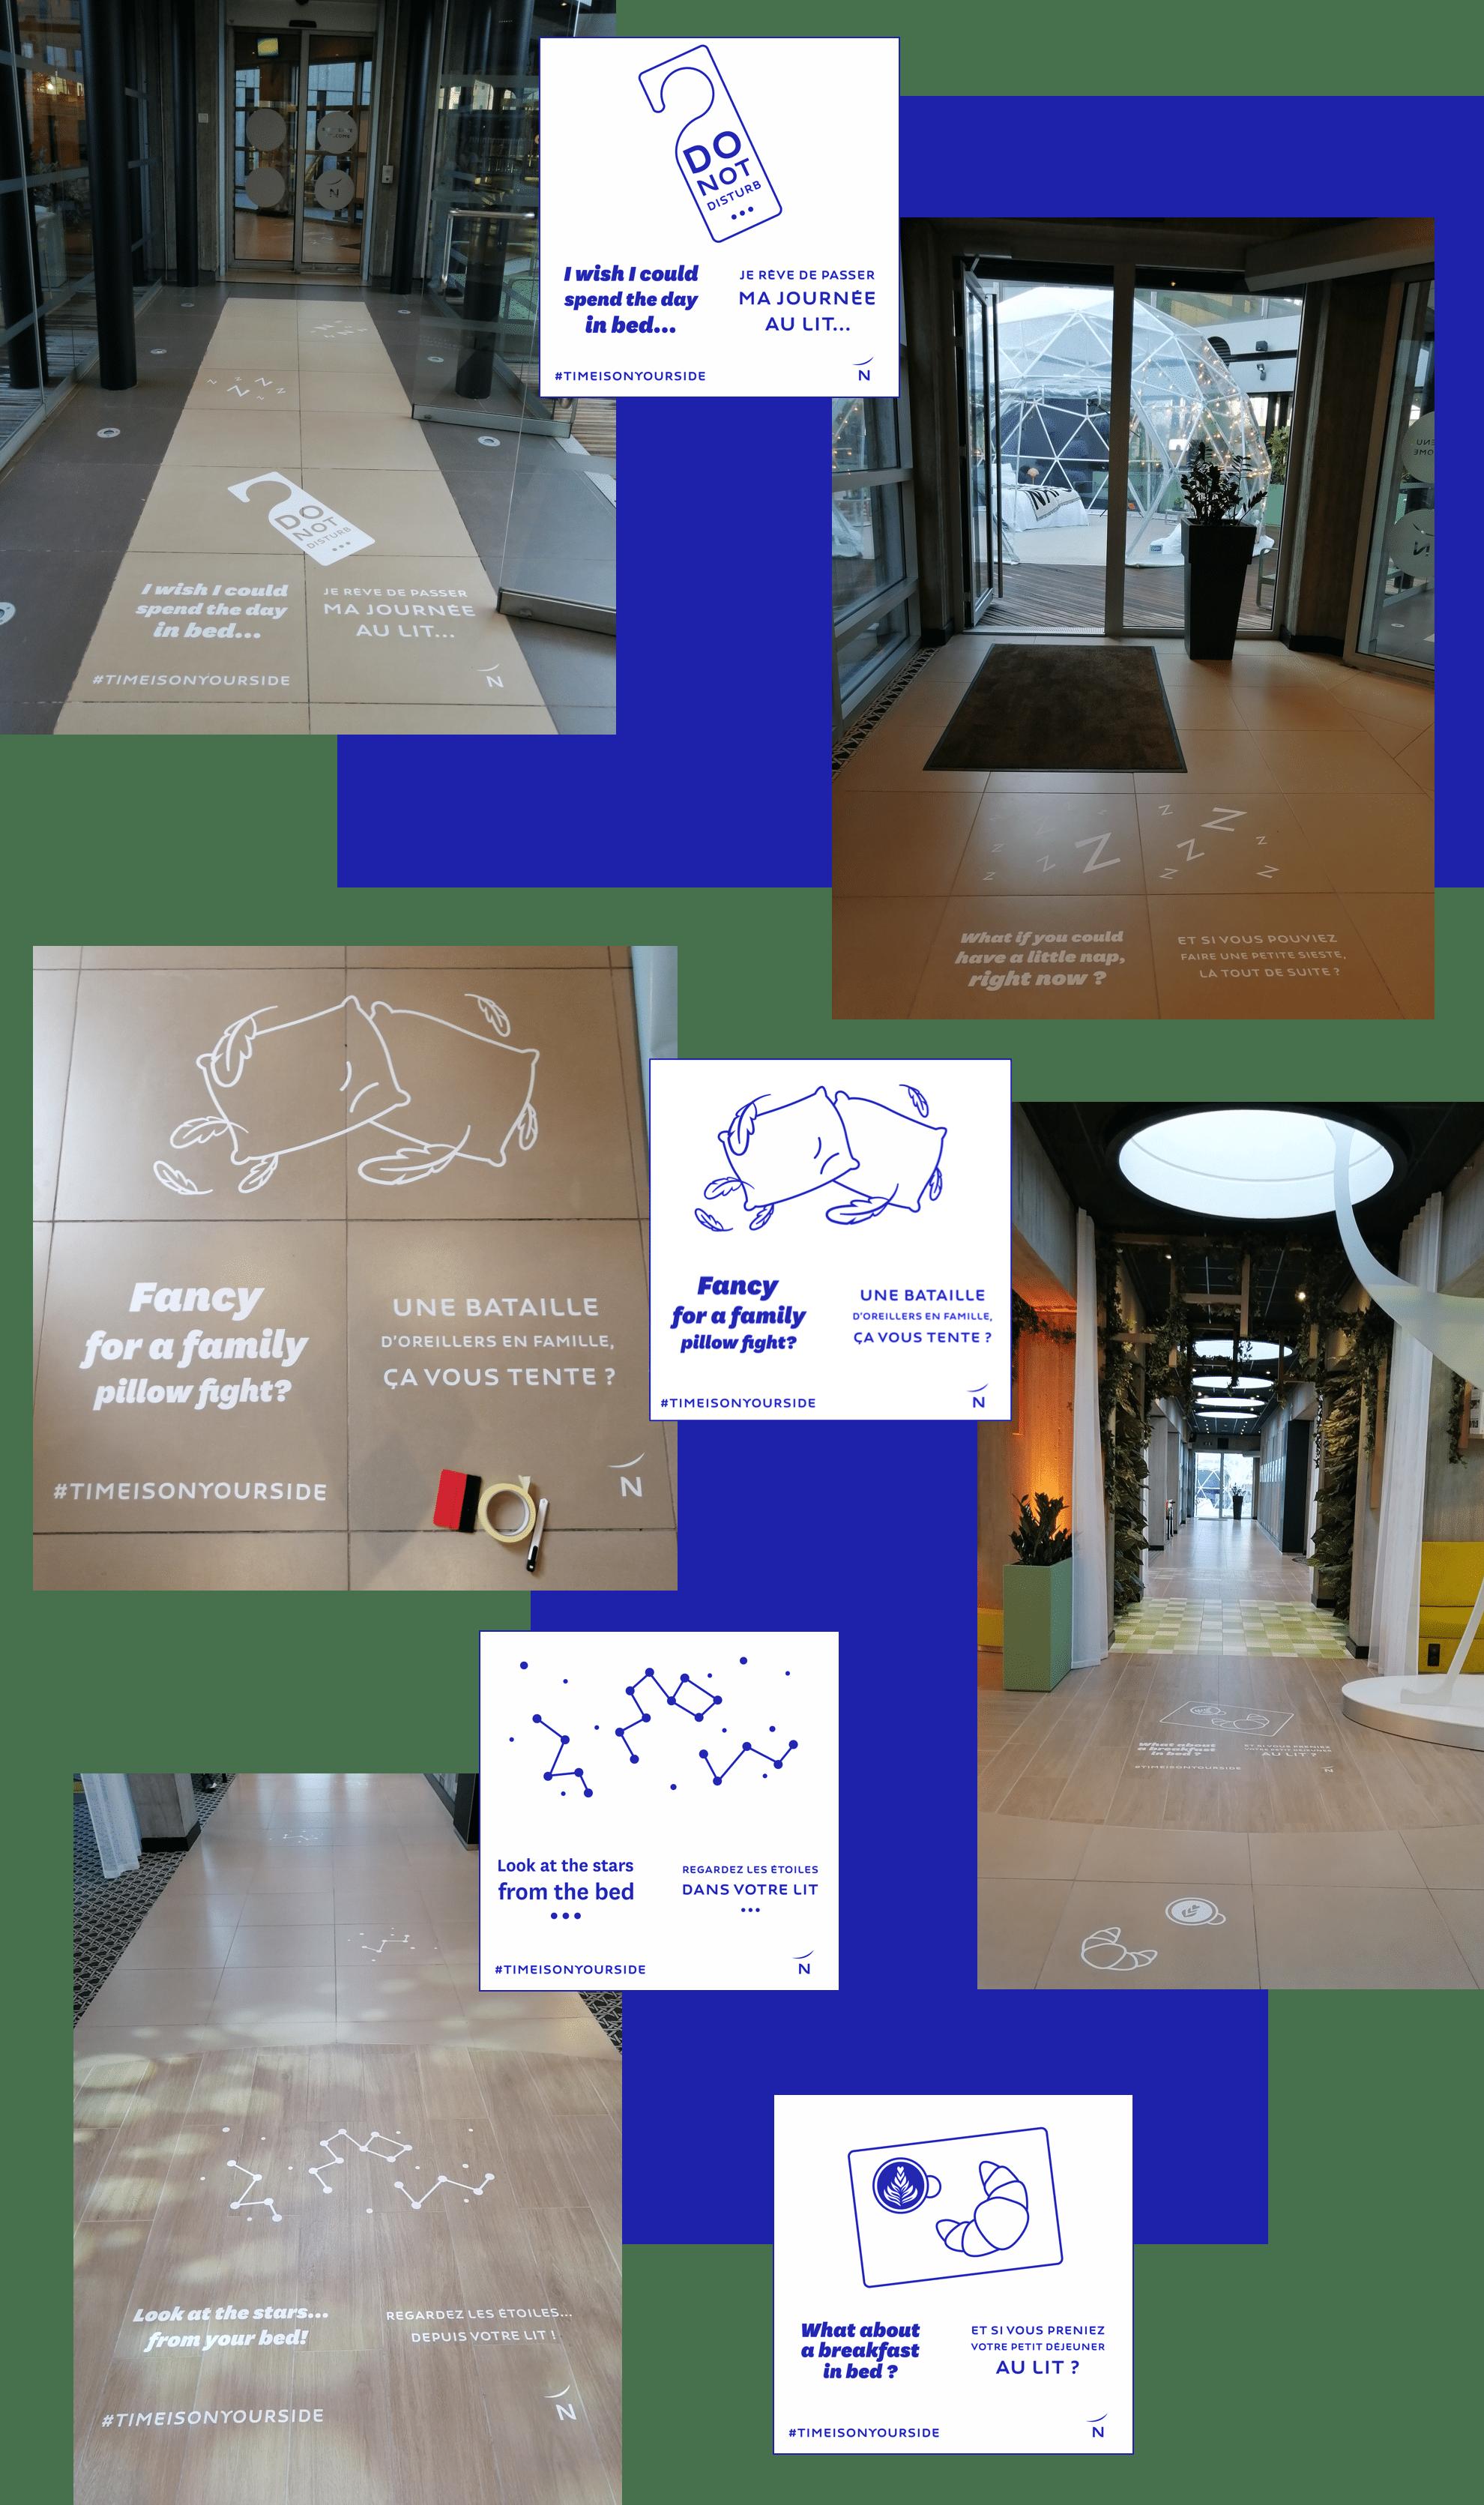 Novotel de l'aéroport de Charles-de-Gaulle : Parcours Client Signalétique et Marquage au sol et dans les ascenseurs par Candice Herbreteau